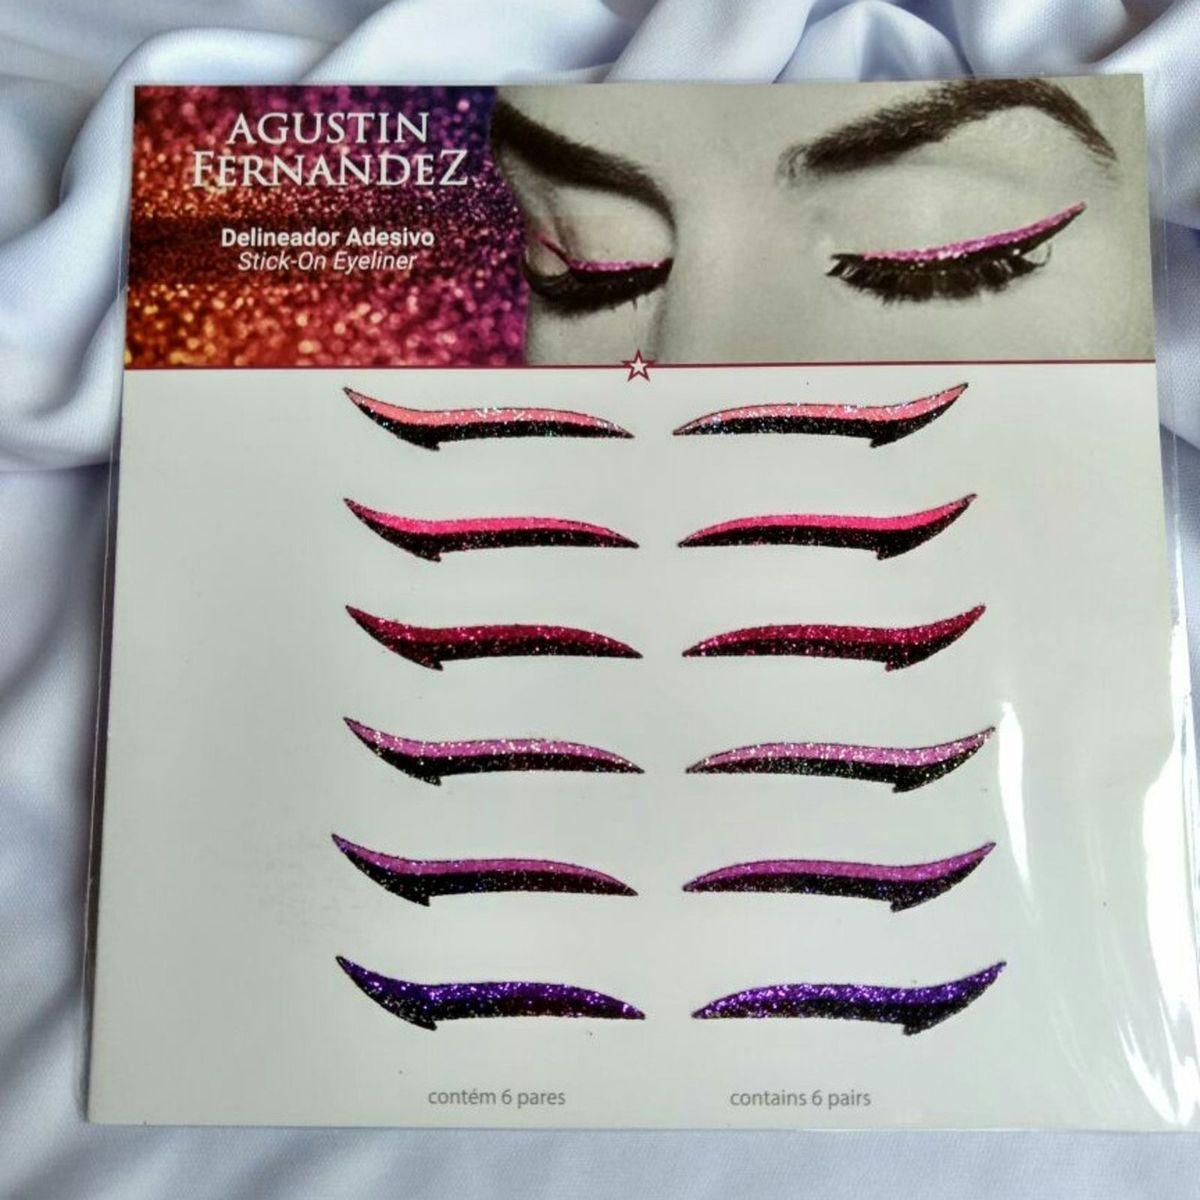 Delineador em Adesivo Agustín Fernandez com Glitter Colorido.   Maquiagem  Feminina Agustin Fernandez Nunca Usado 20   enjoei